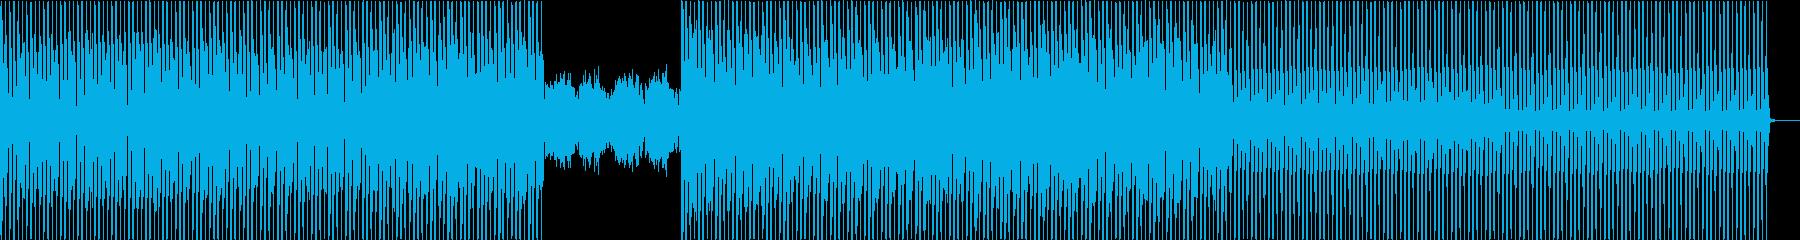 部族。音楽なし。リズムのみ。の再生済みの波形